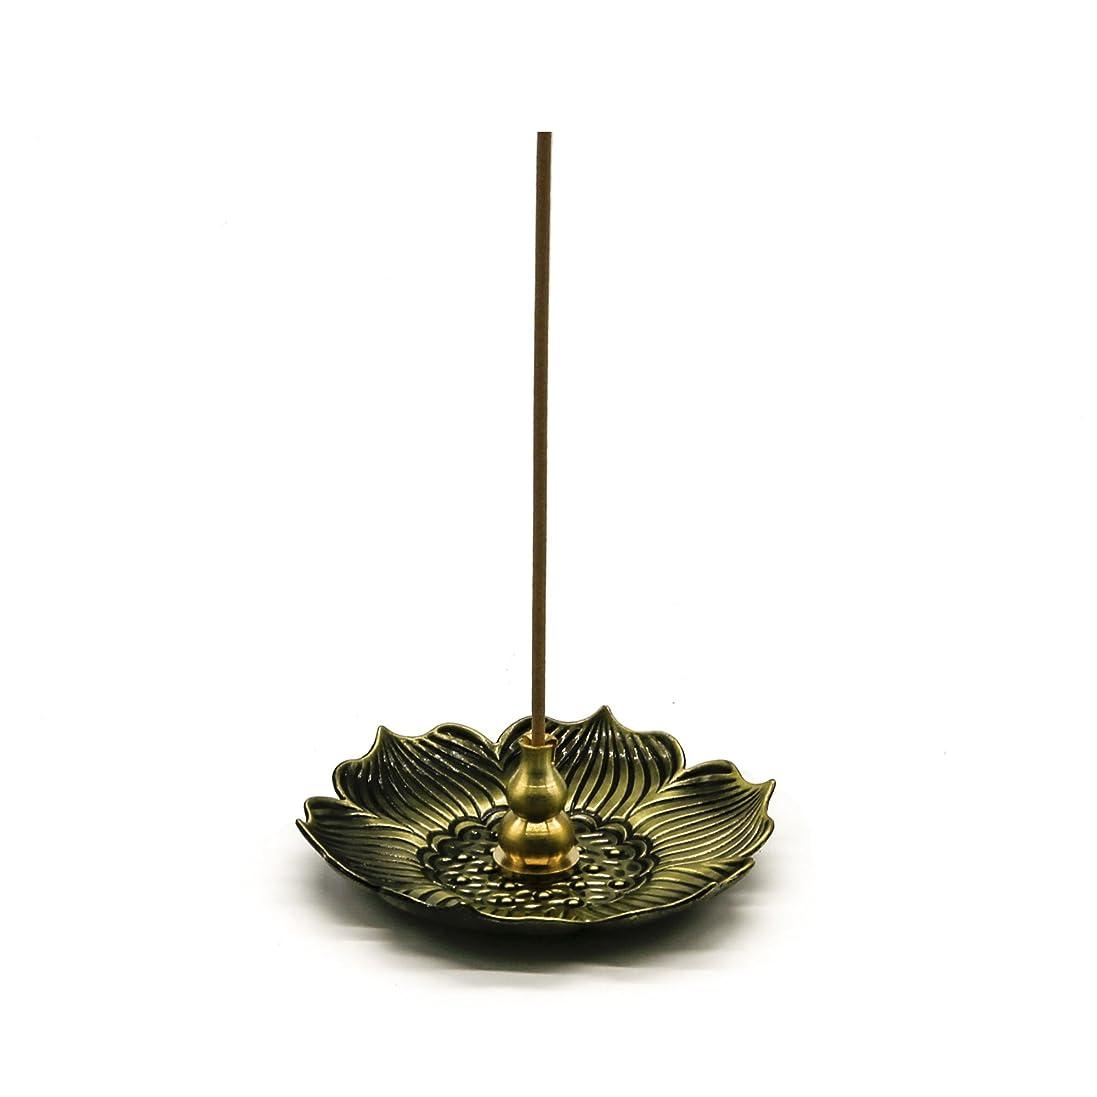 特性遮る発掘するomonicブロンズLotus Dish Stick Incense Burnerホルダー(スティック/コーン/コイルIncense )アロマセラピー炉Diffuser forホームインテリア